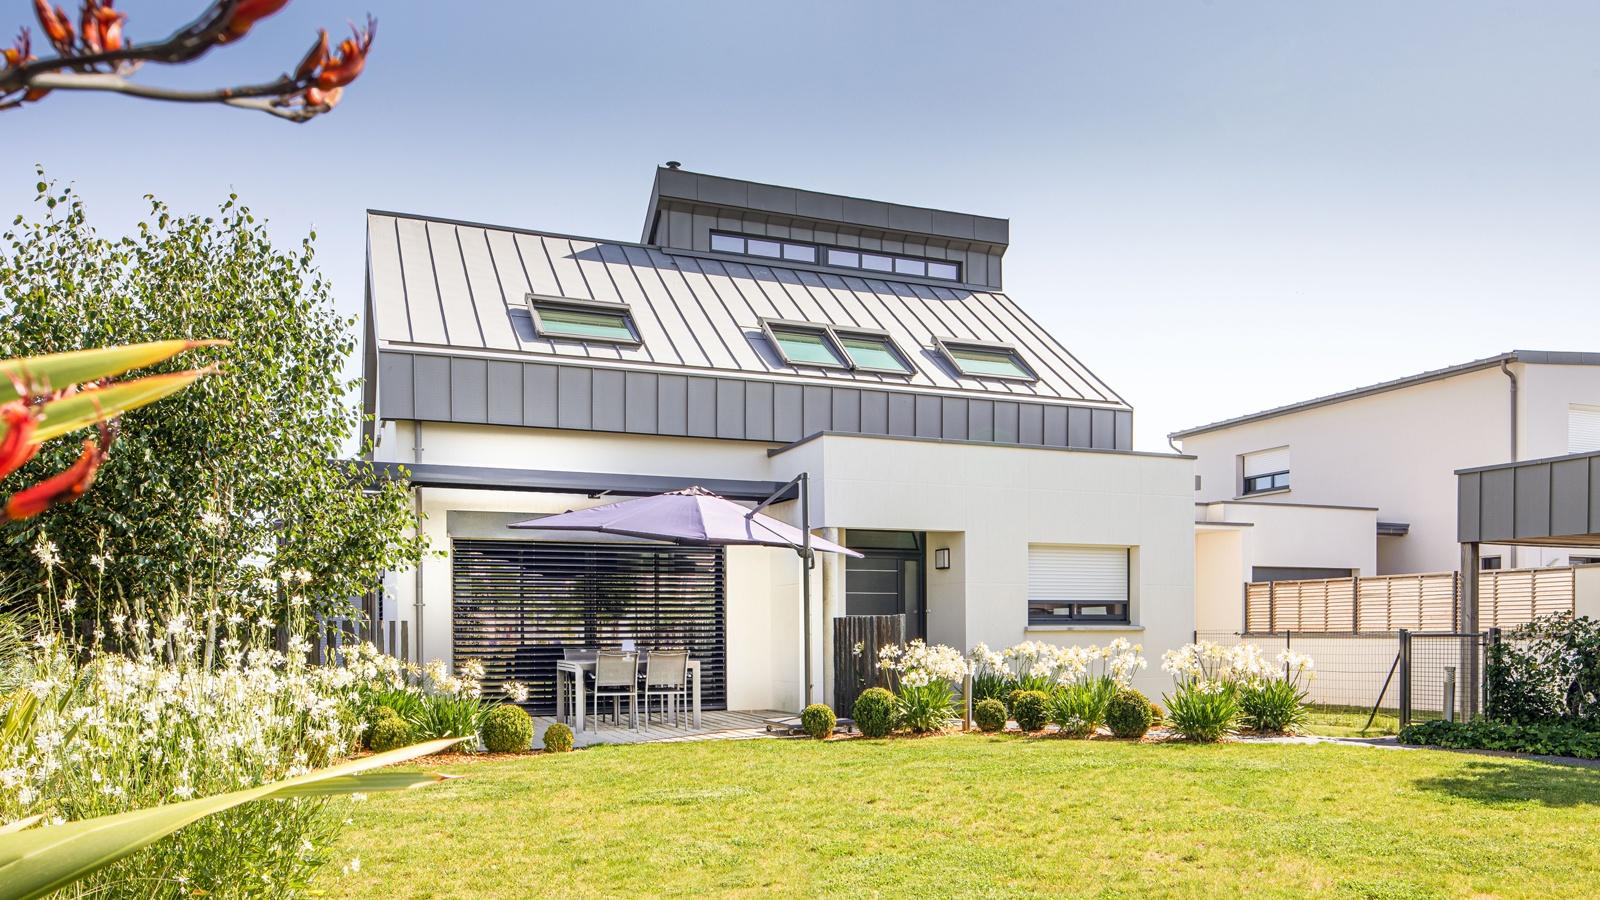 Maison moderne et bioclimatique